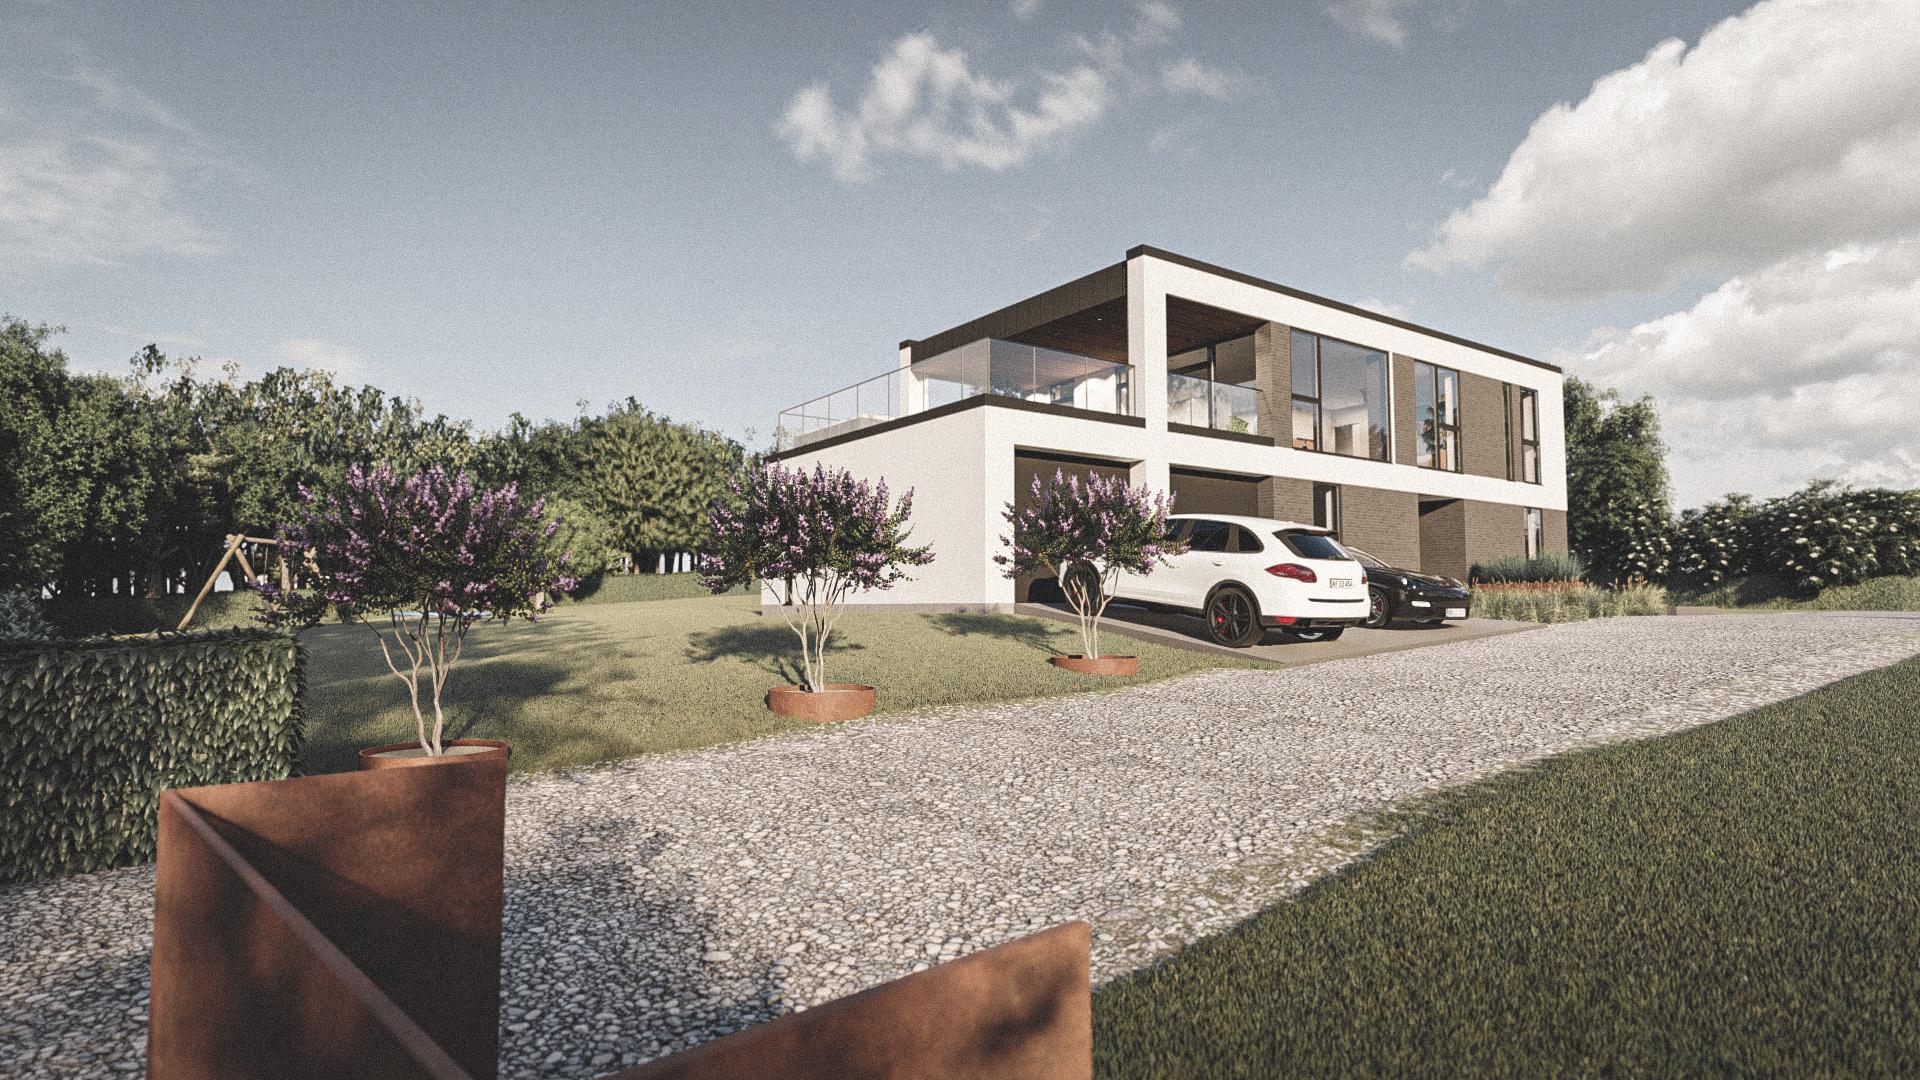 Billede af et arkitekt tegnet projektforslag af ny drømme villa i Aalborg, af det danske arkitektfirma m2plus